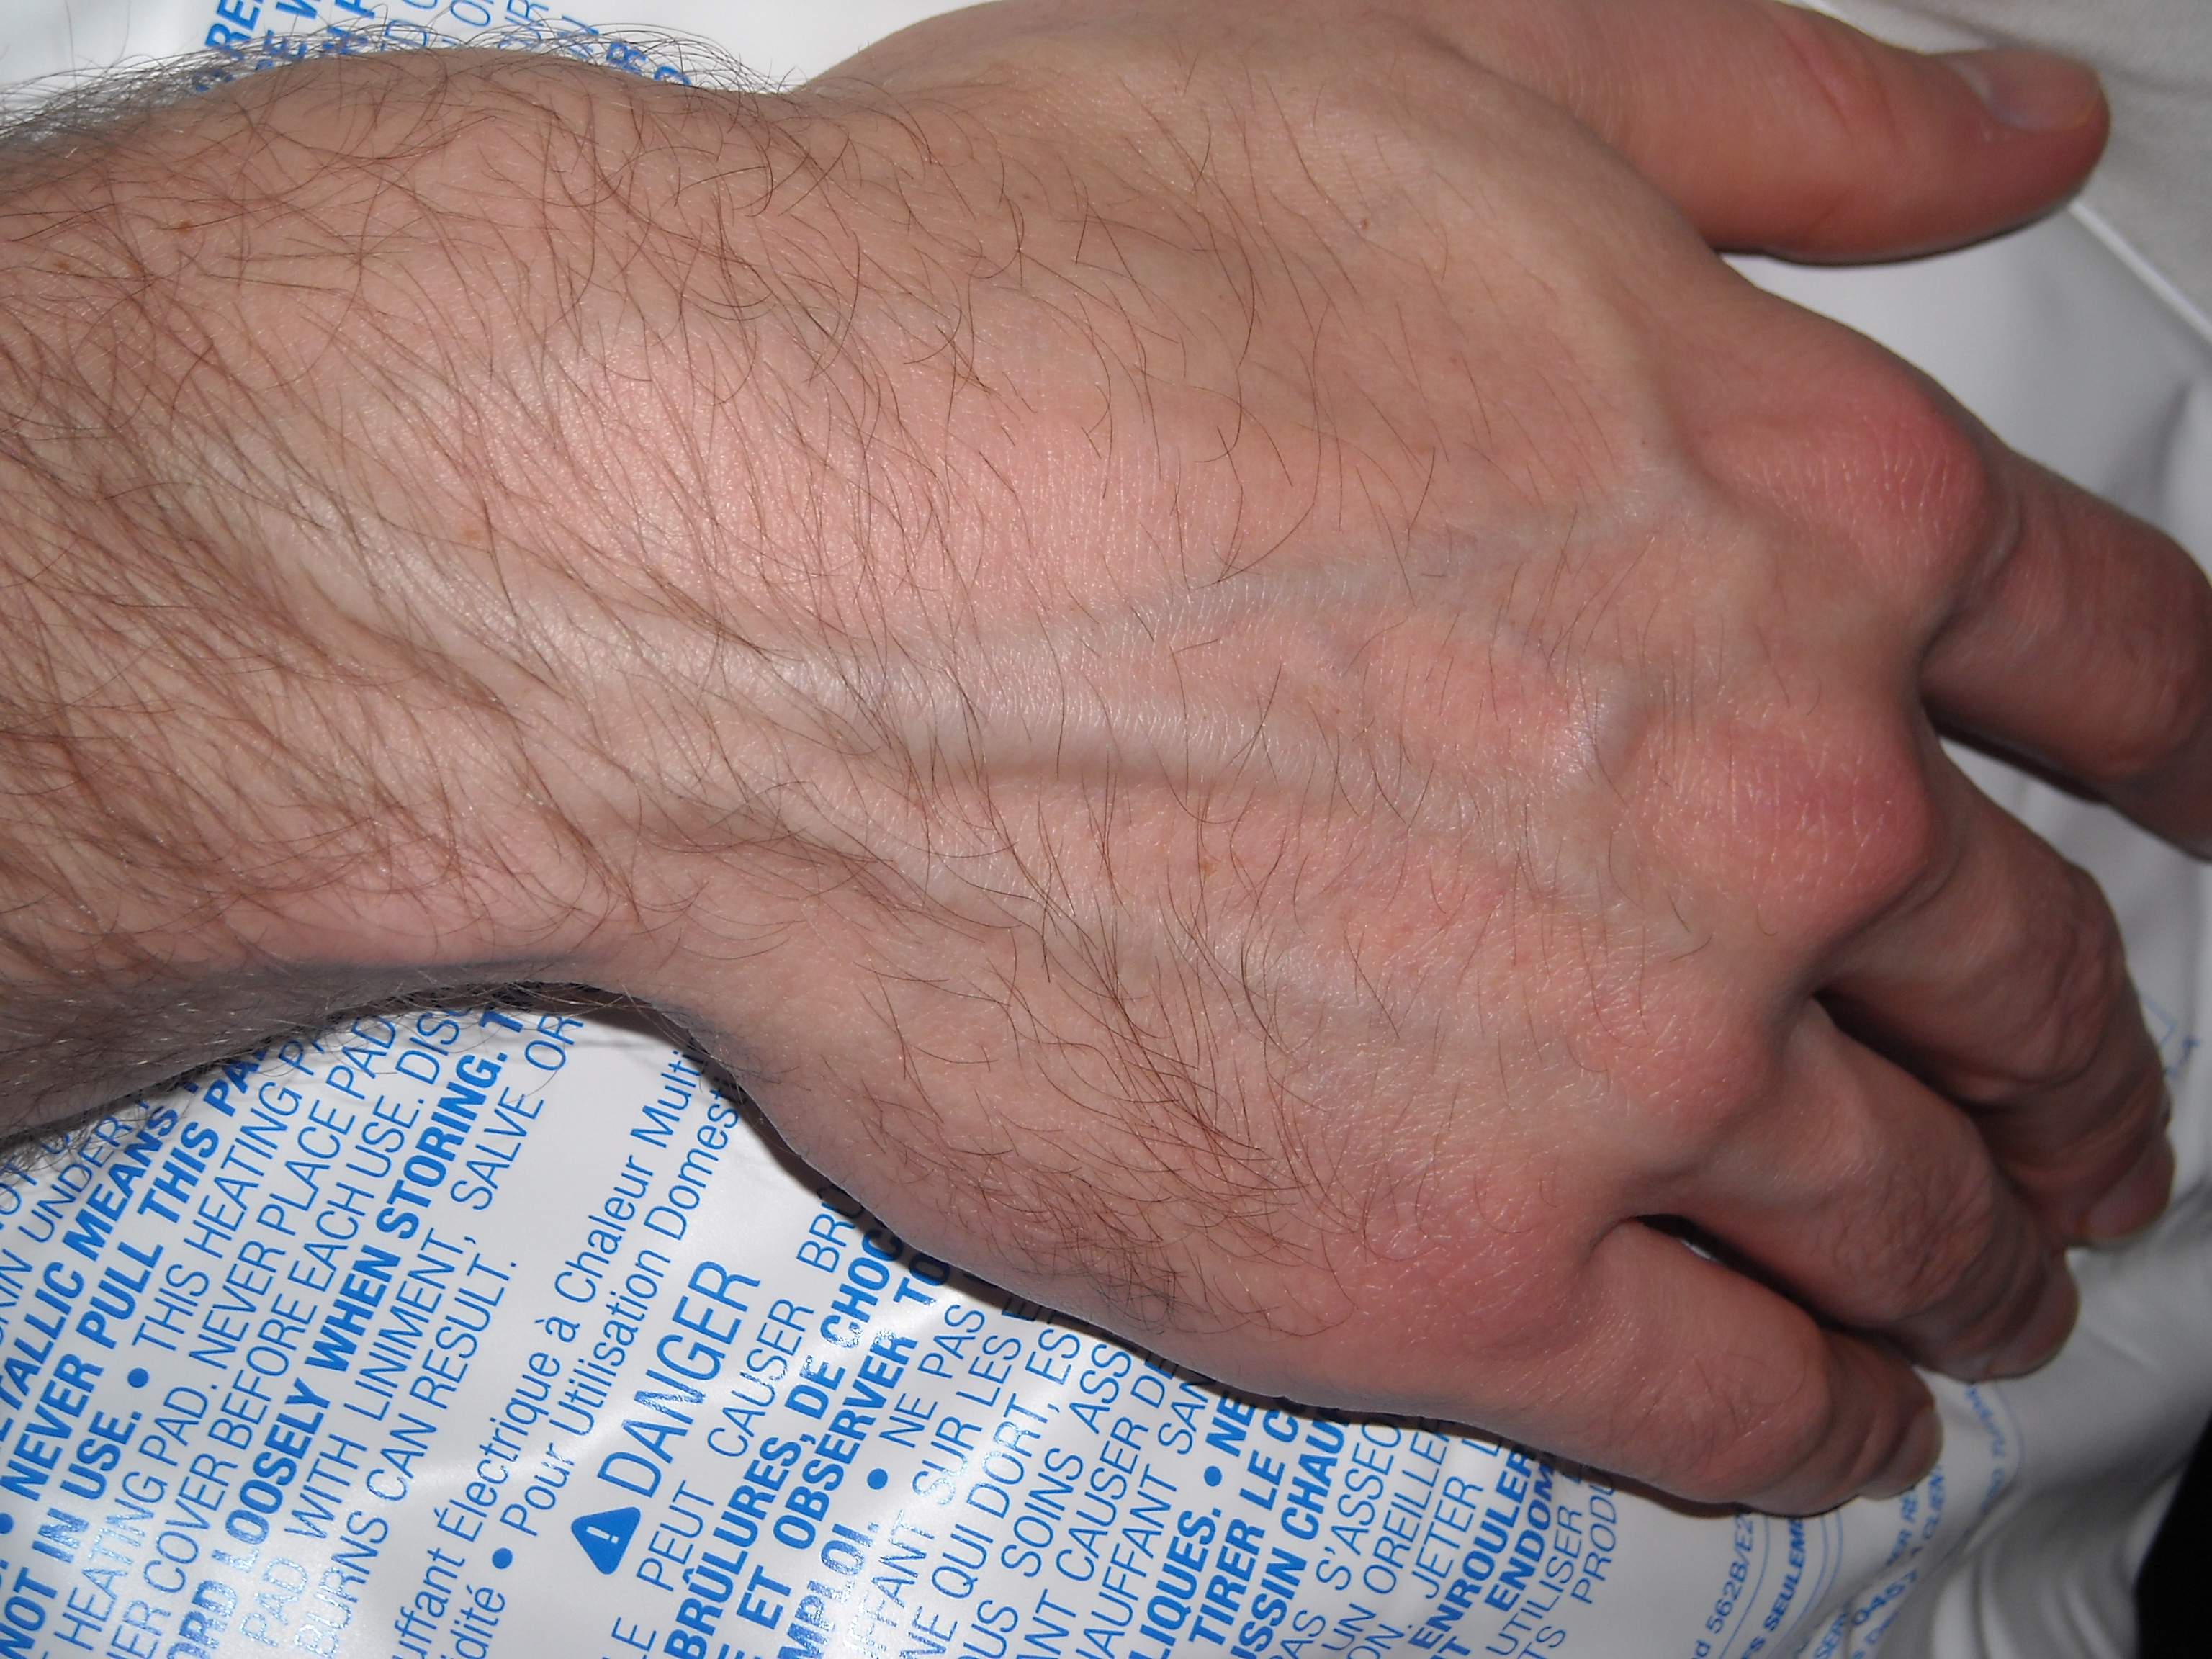 huge veins in arms